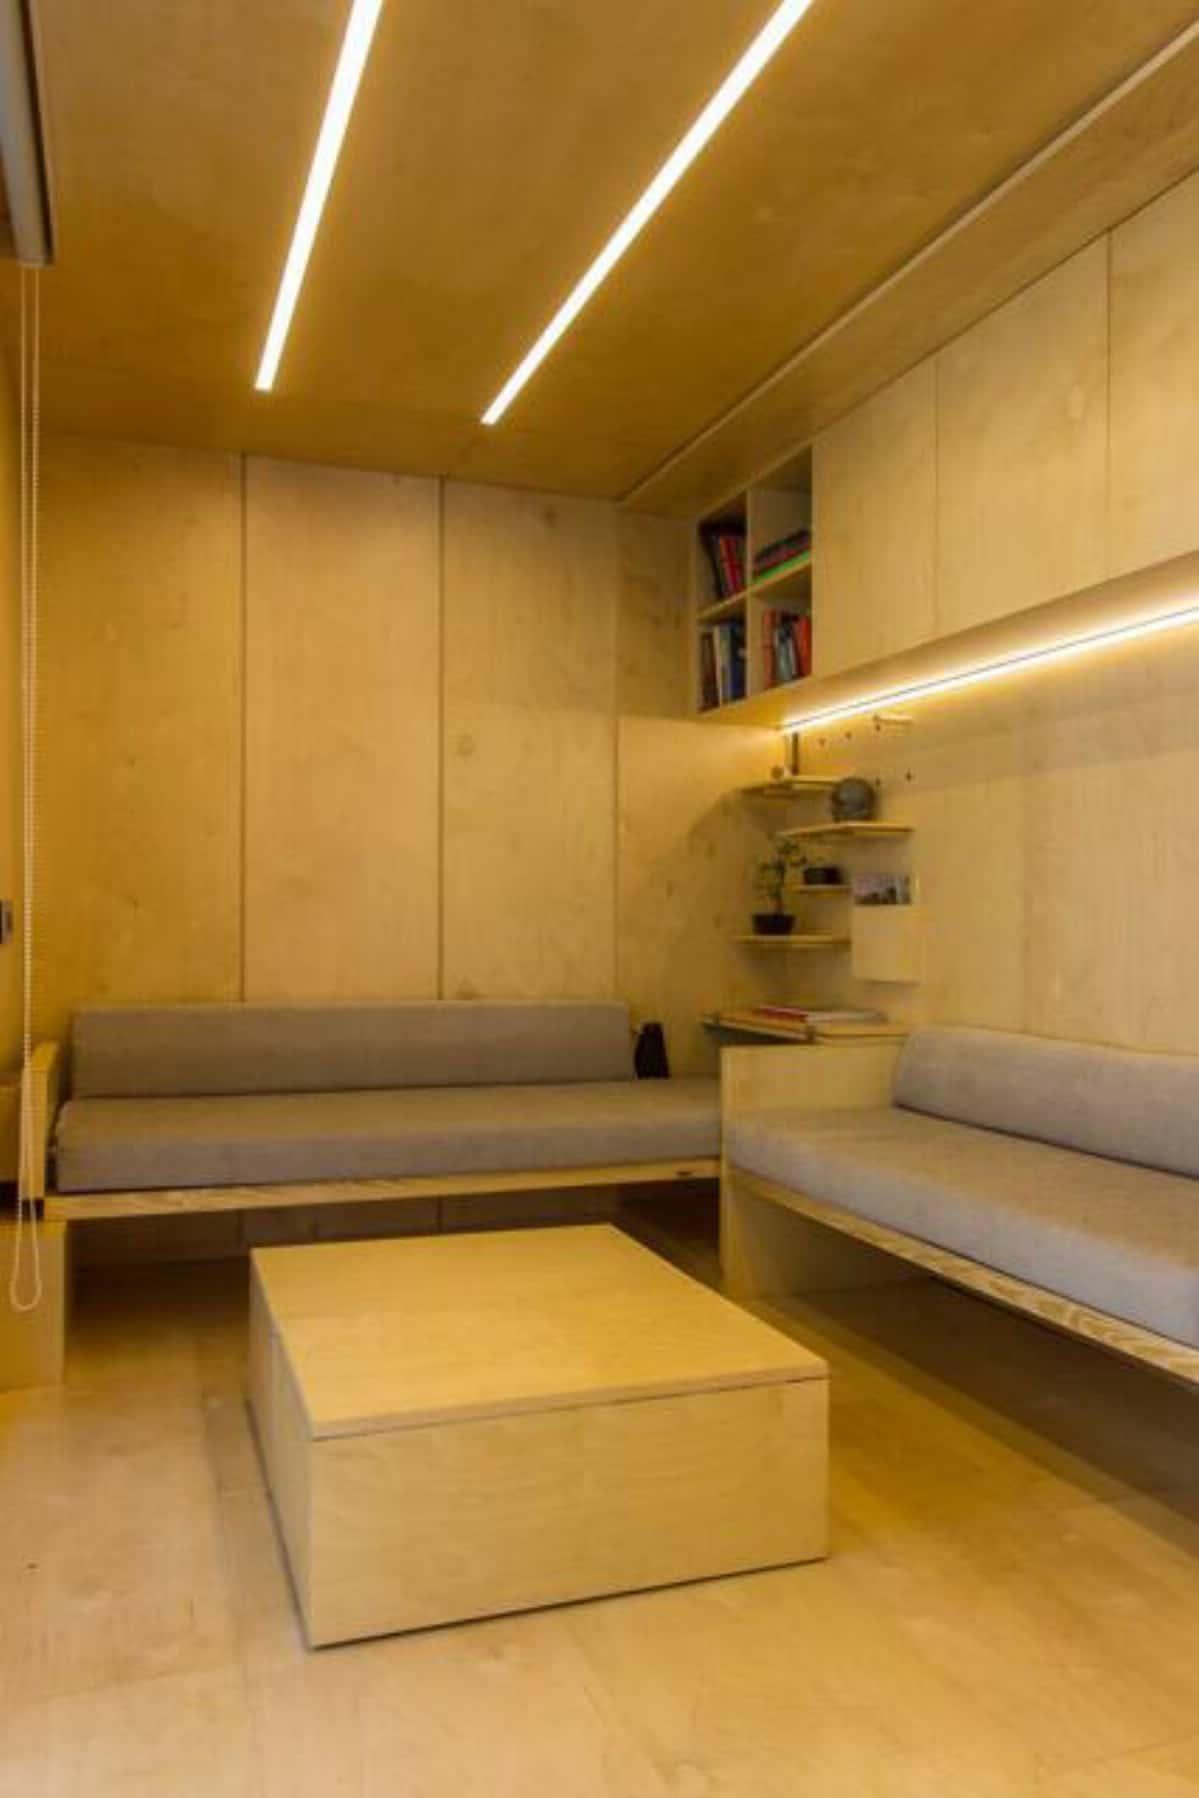 Zen Den Tiny House Tour: